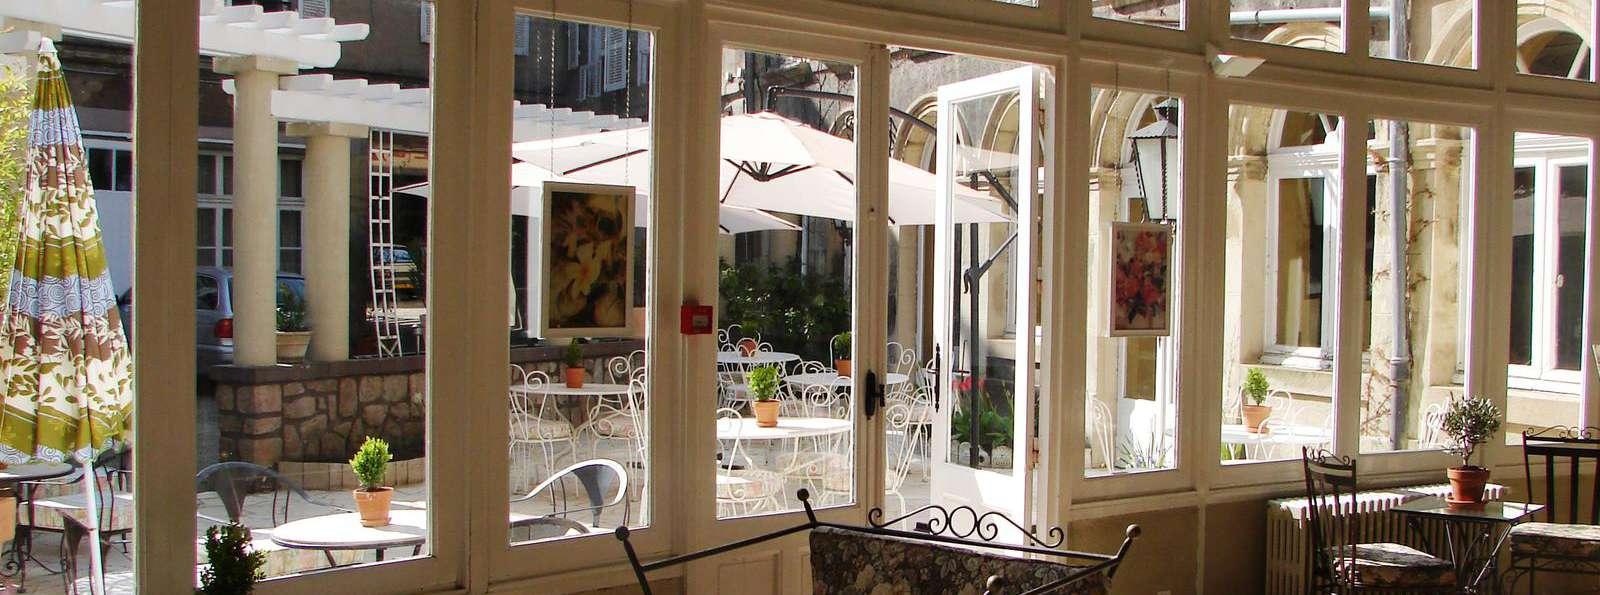 Hotel Saint Louis Autun Bourgogne